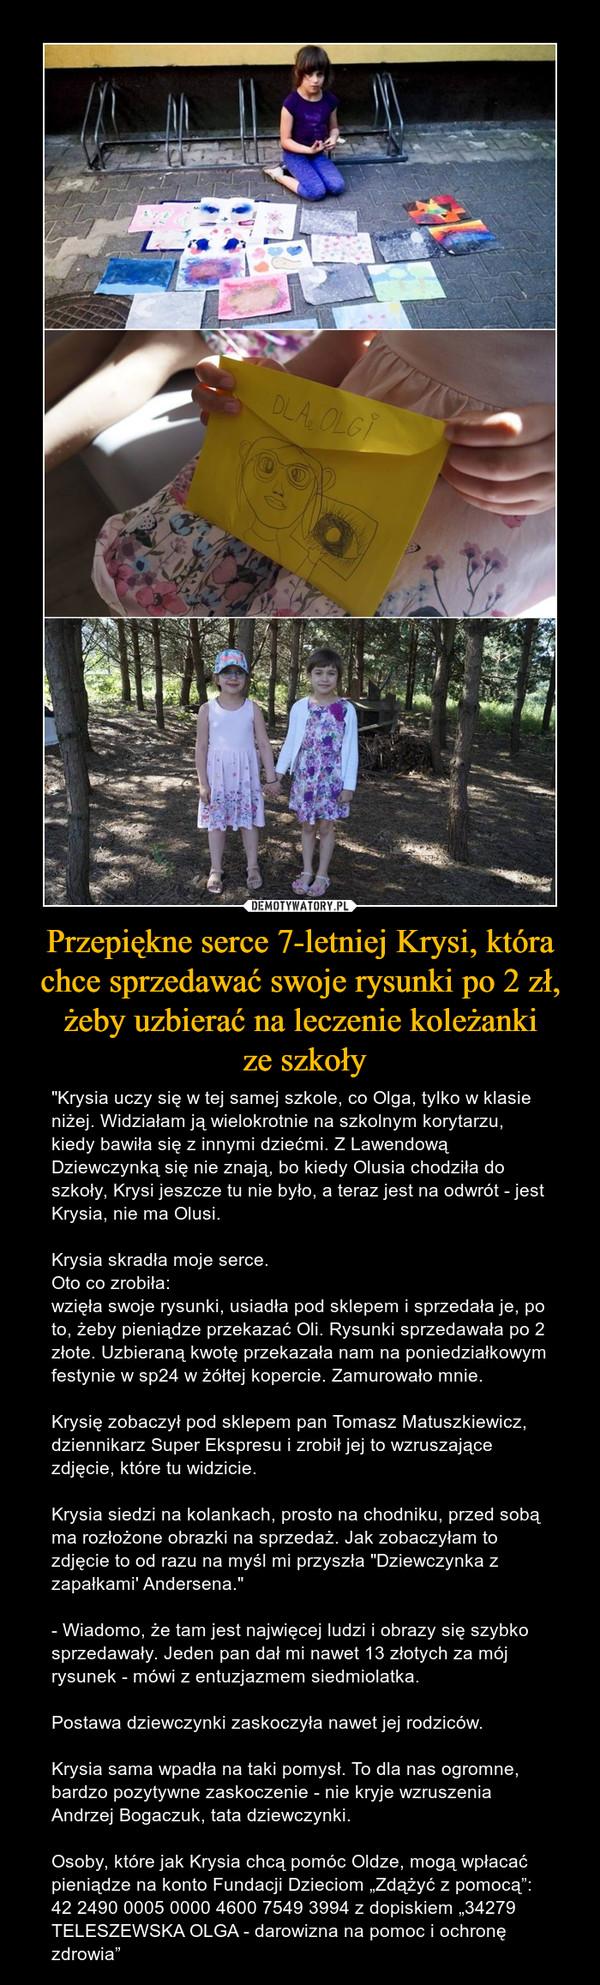 """Przepiękne serce 7-letniej Krysi, która chce sprzedawać swoje rysunki po 2 zł, żeby uzbierać na leczenie koleżanki ze szkoły – """"Krysia uczy się w tej samej szkole, co Olga, tylko w klasie niżej. Widziałam ją wielokrotnie na szkolnym korytarzu, kiedy bawiła się z innymi dziećmi. Z Lawendową Dziewczynką się nie znają, bo kiedy Olusia chodziła do szkoły, Krysi jeszcze tu nie było, a teraz jest na odwrót - jest Krysia, nie ma Olusi.Krysia skradła moje serce.Oto co zrobiła:wzięła swoje rysunki, usiadła pod sklepem i sprzedała je, po to, żeby pieniądze przekazać Oli. Rysunki sprzedawała po 2 złote. Uzbieraną kwotę przekazała nam na poniedziałkowym festynie w sp24 w żółtej kopercie. Zamurowało mnie.Krysię zobaczył pod sklepem pan Tomasz Matuszkiewicz, dziennikarz Super Ekspresu i zrobił jej to wzruszające zdjęcie, które tu widzicie. Krysia siedzi na kolankach, prosto na chodniku, przed sobą ma rozłożone obrazki na sprzedaż. Jak zobaczyłam to zdjęcie to od razu na myśl mi przyszła """"Dziewczynka z zapałkami' Andersena.""""- Wiadomo, że tam jest najwięcej ludzi i obrazy się szybko sprzedawały. Jeden pan dał mi nawet 13 złotych za mój rysunek - mówi z entuzjazmem siedmiolatka.Postawa dziewczynki zaskoczyła nawet jej rodziców.Krysia sama wpadła na taki pomysł. To dla nas ogromne, bardzo pozytywne zaskoczenie - nie kryje wzruszenia Andrzej Bogaczuk, tata dziewczynki.Osoby, które jak Krysia chcą pomóc Oldze, mogą wpłacać pieniądze na konto Fundacji Dzieciom """"Zdążyć z pomocą"""": 42 2490 0005 0000 4600 7549 3994 z dopiskiem """"34279 TELESZEWSKA OLGA - darowizna na pomoc i ochronę zdrowia"""""""